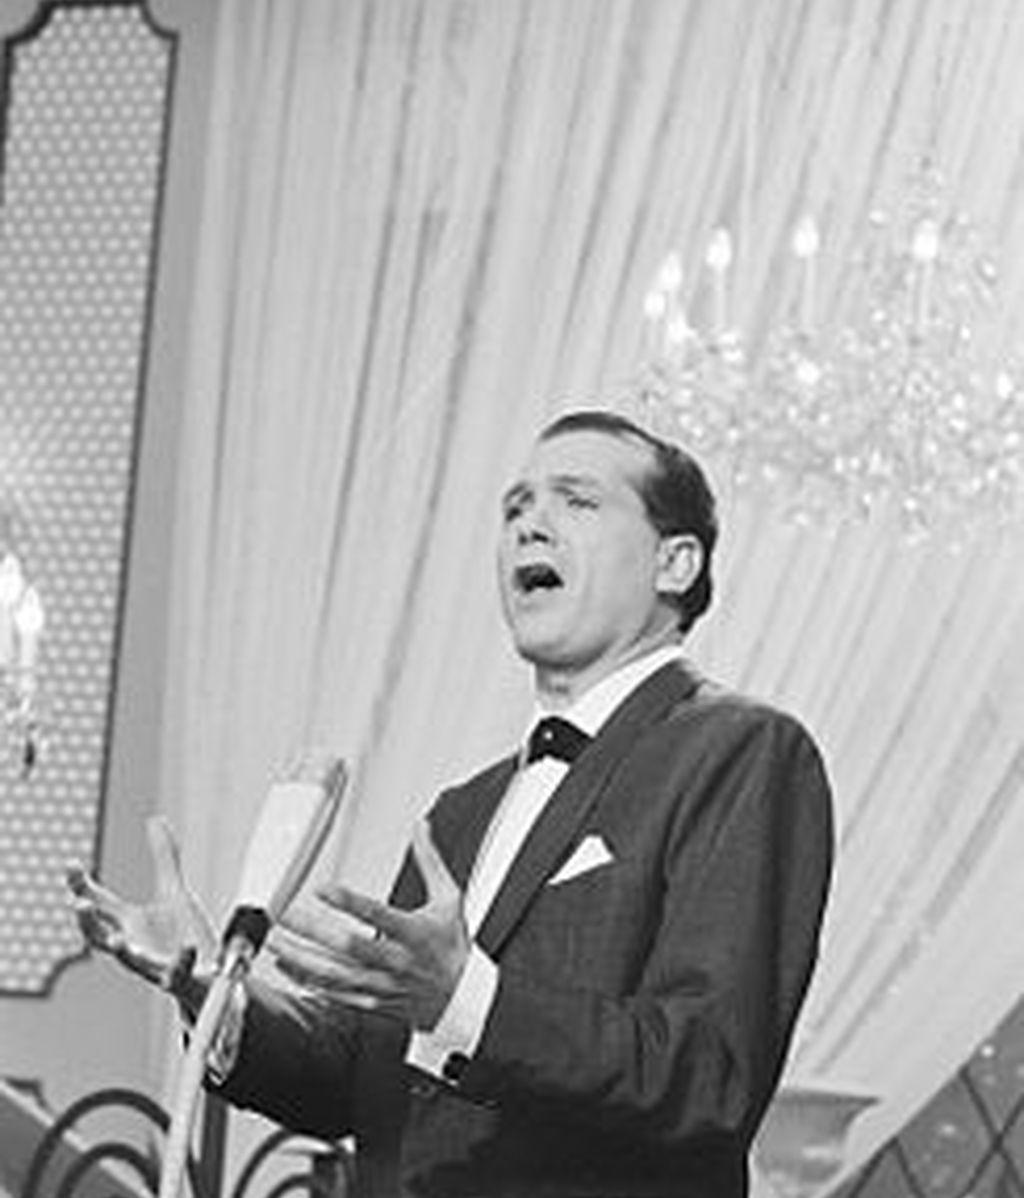 Victor_Balaguer. 1962. Puesto 13